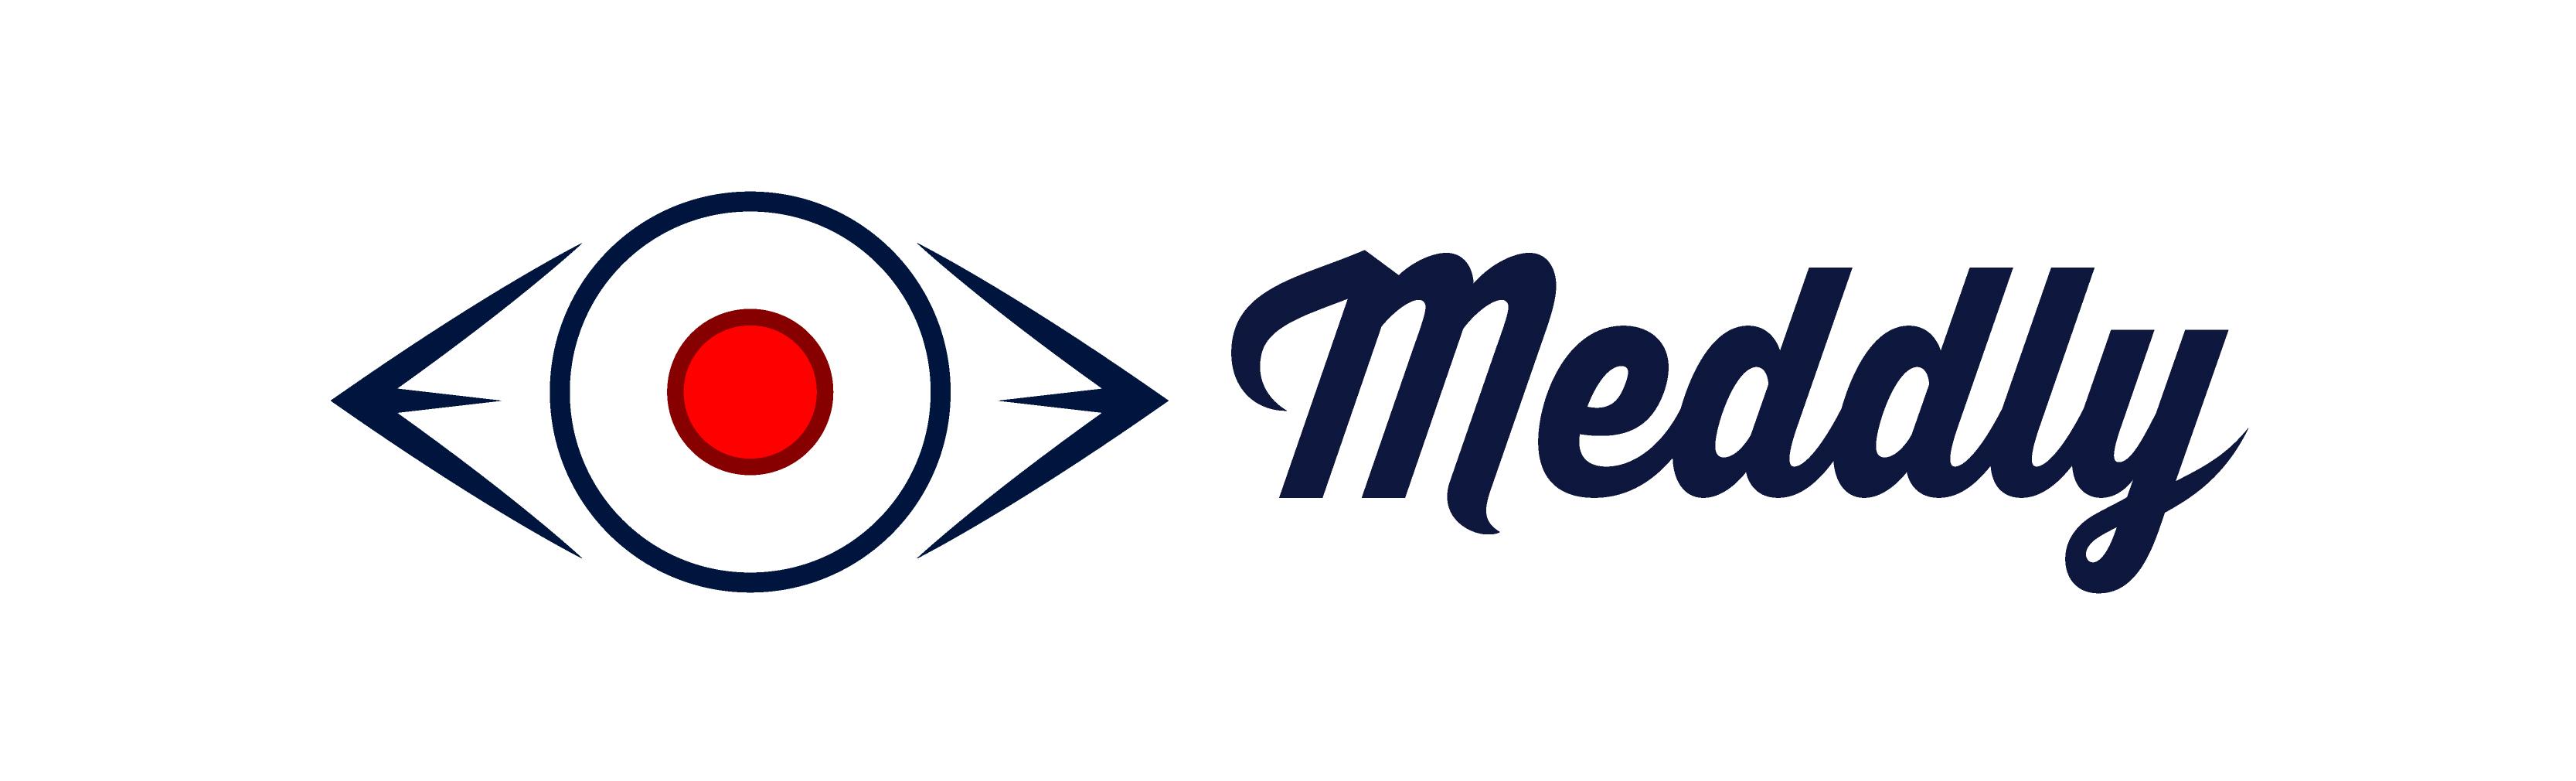 Meddly - Social Broadcast Media